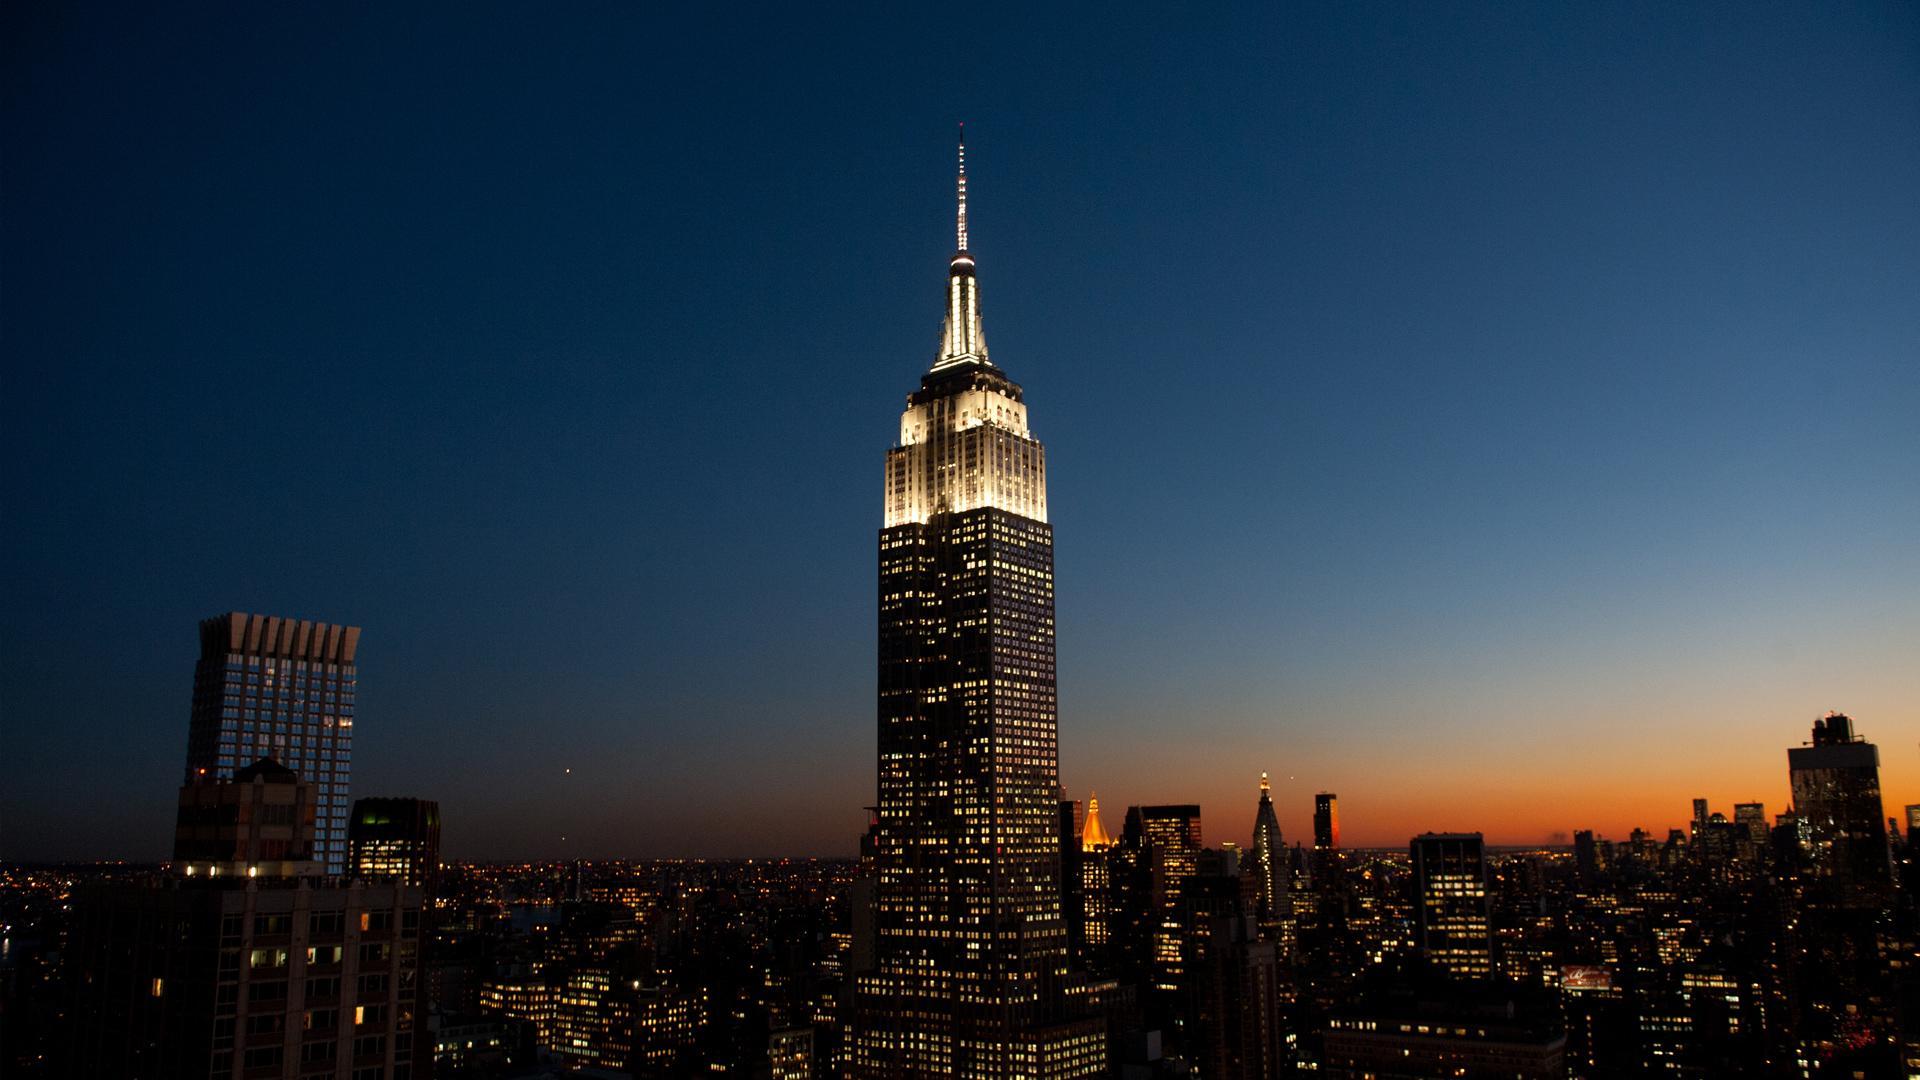 Catar compró una parte del Empire State Building